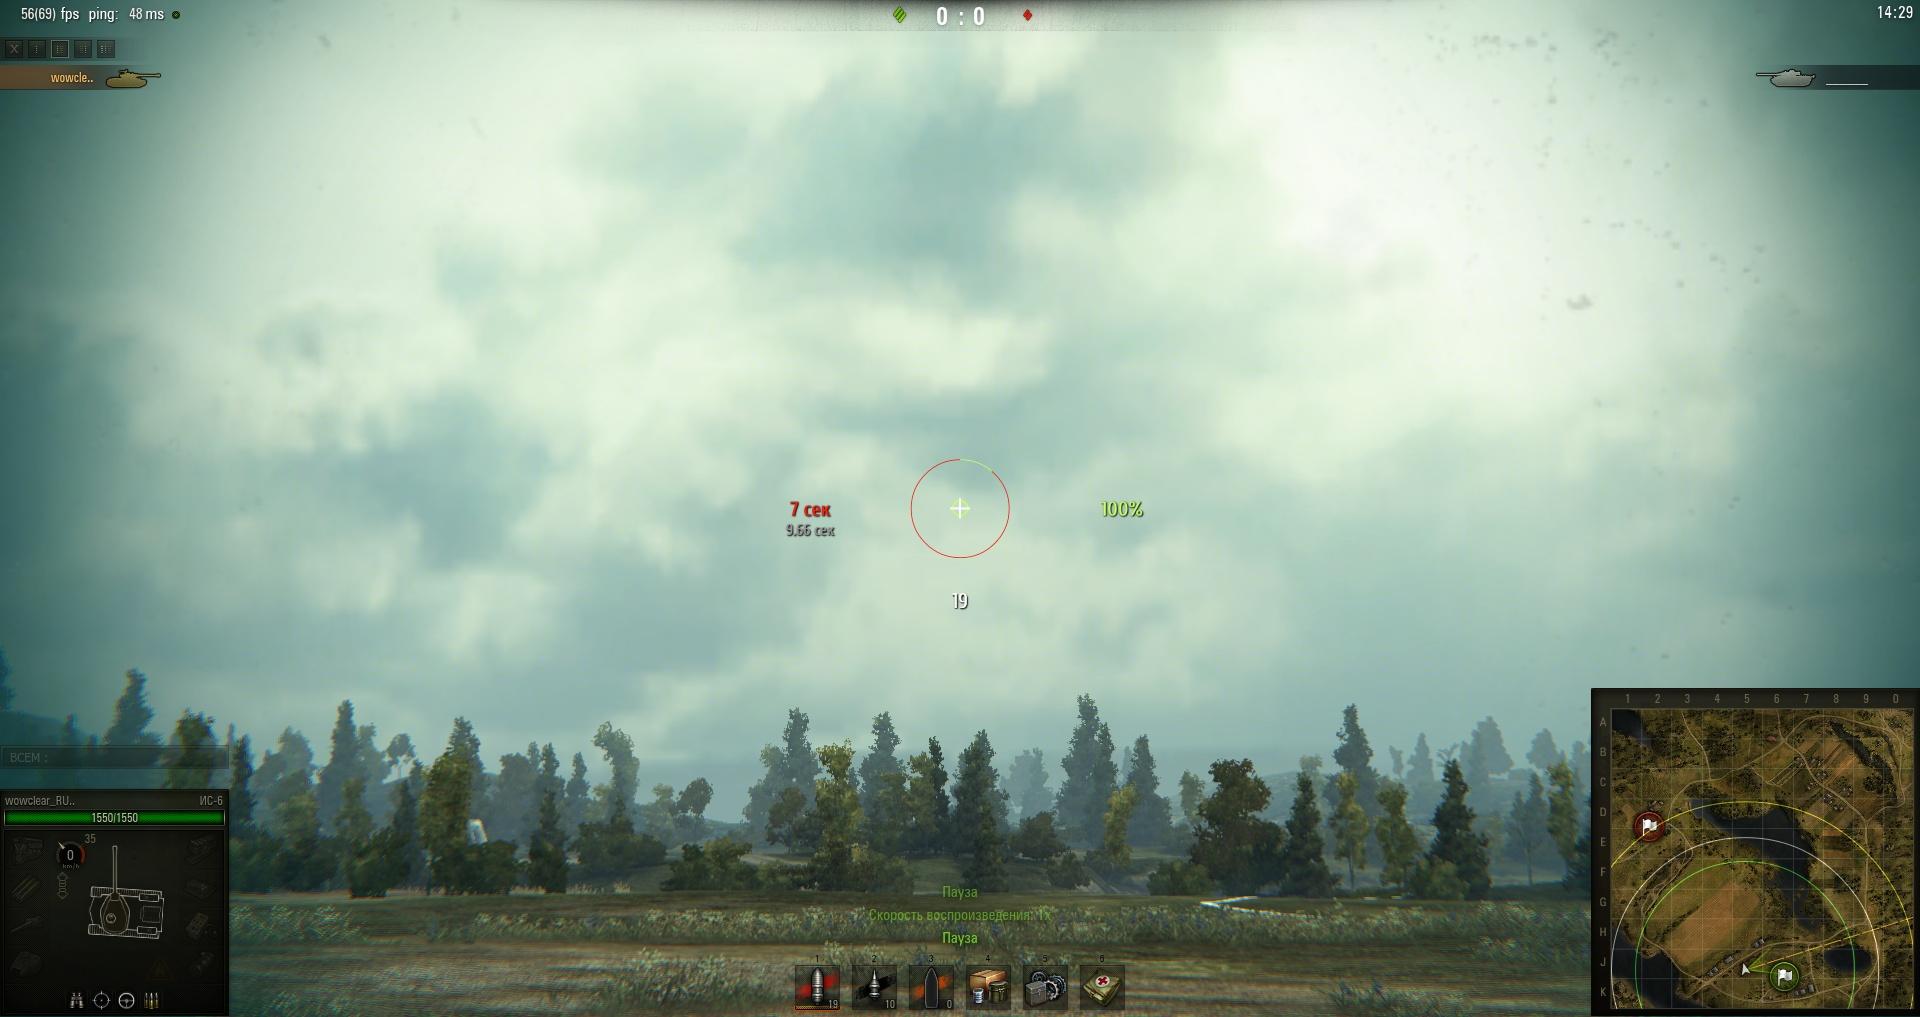 Самые пиздатые прицелы для world of tanks